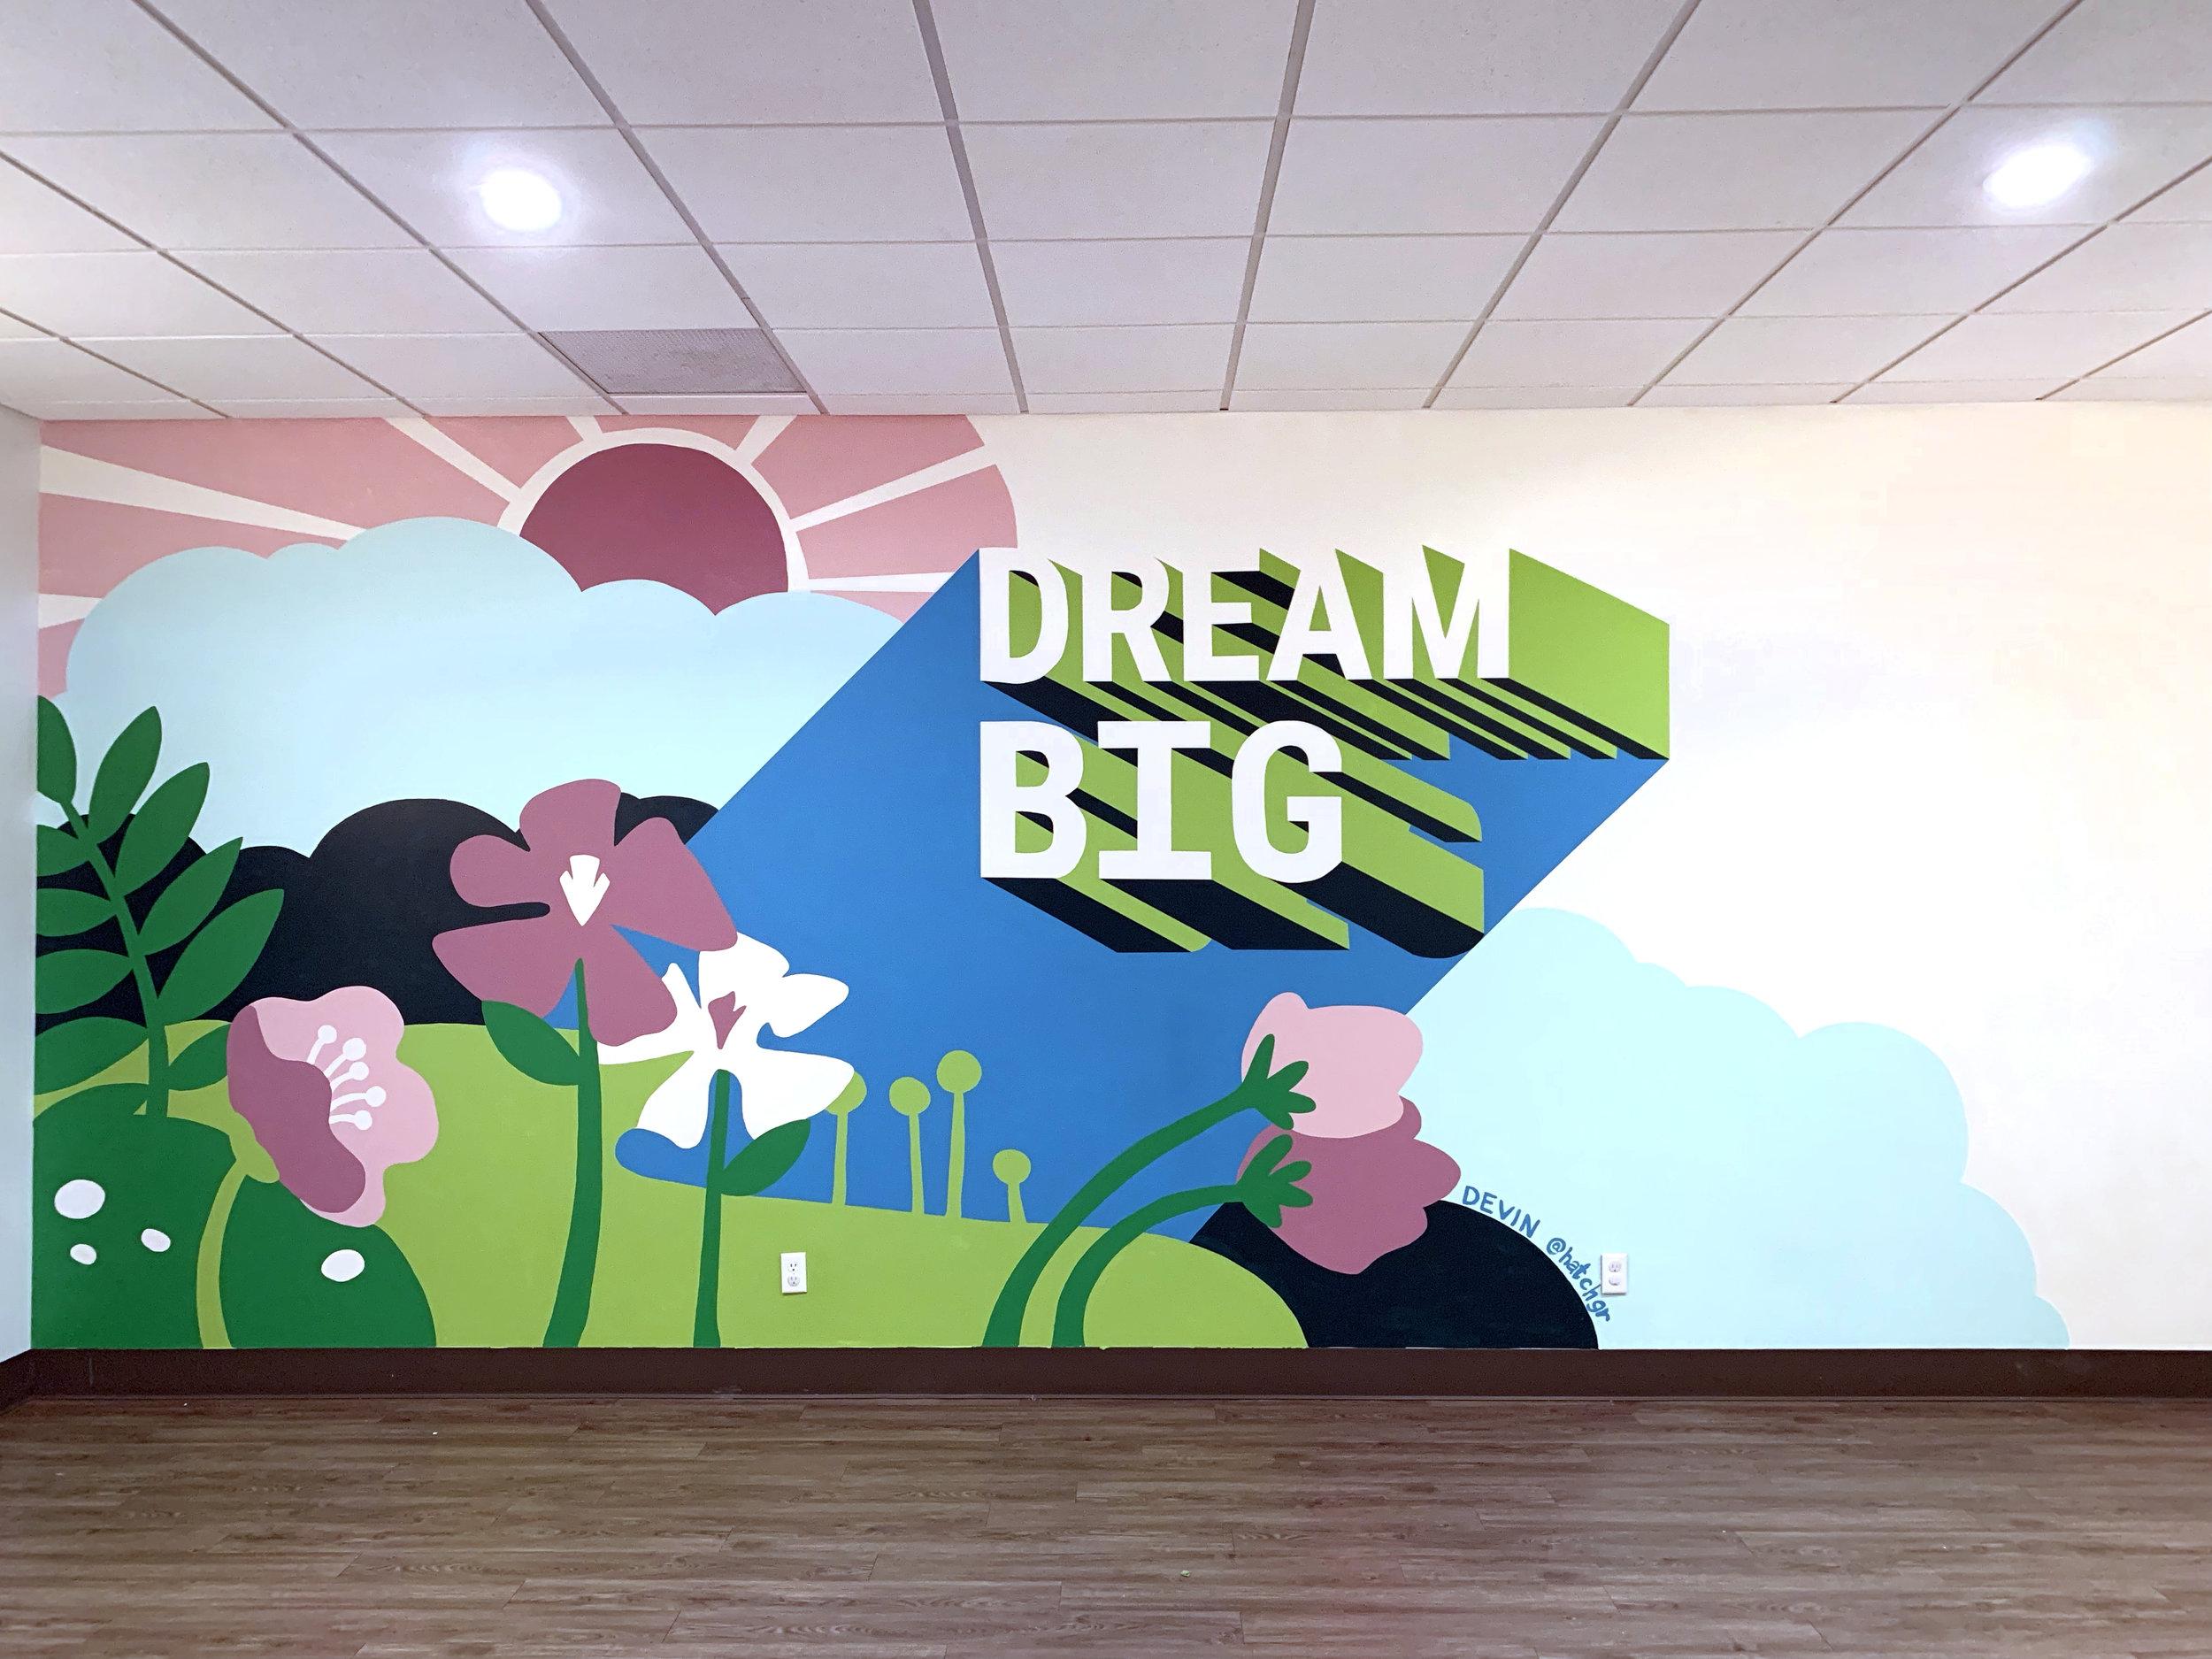 dream big mural1.jpg